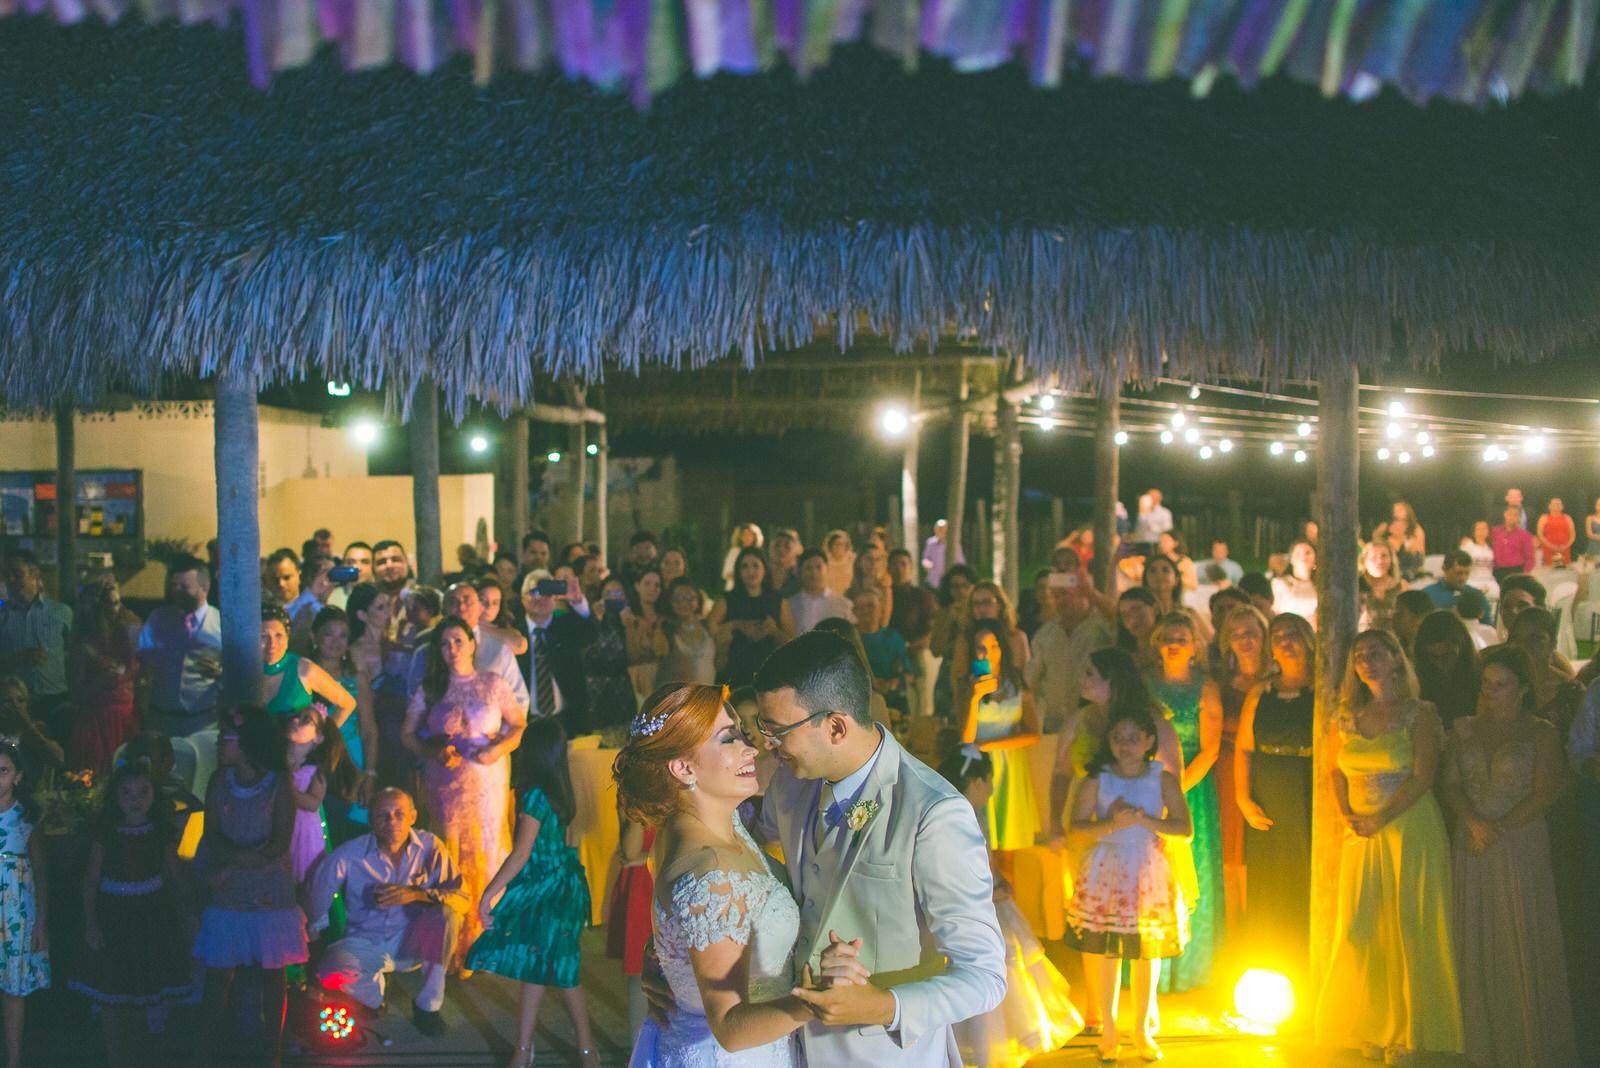 casamento-em-barraca-solarium-praia-do-futuro-30